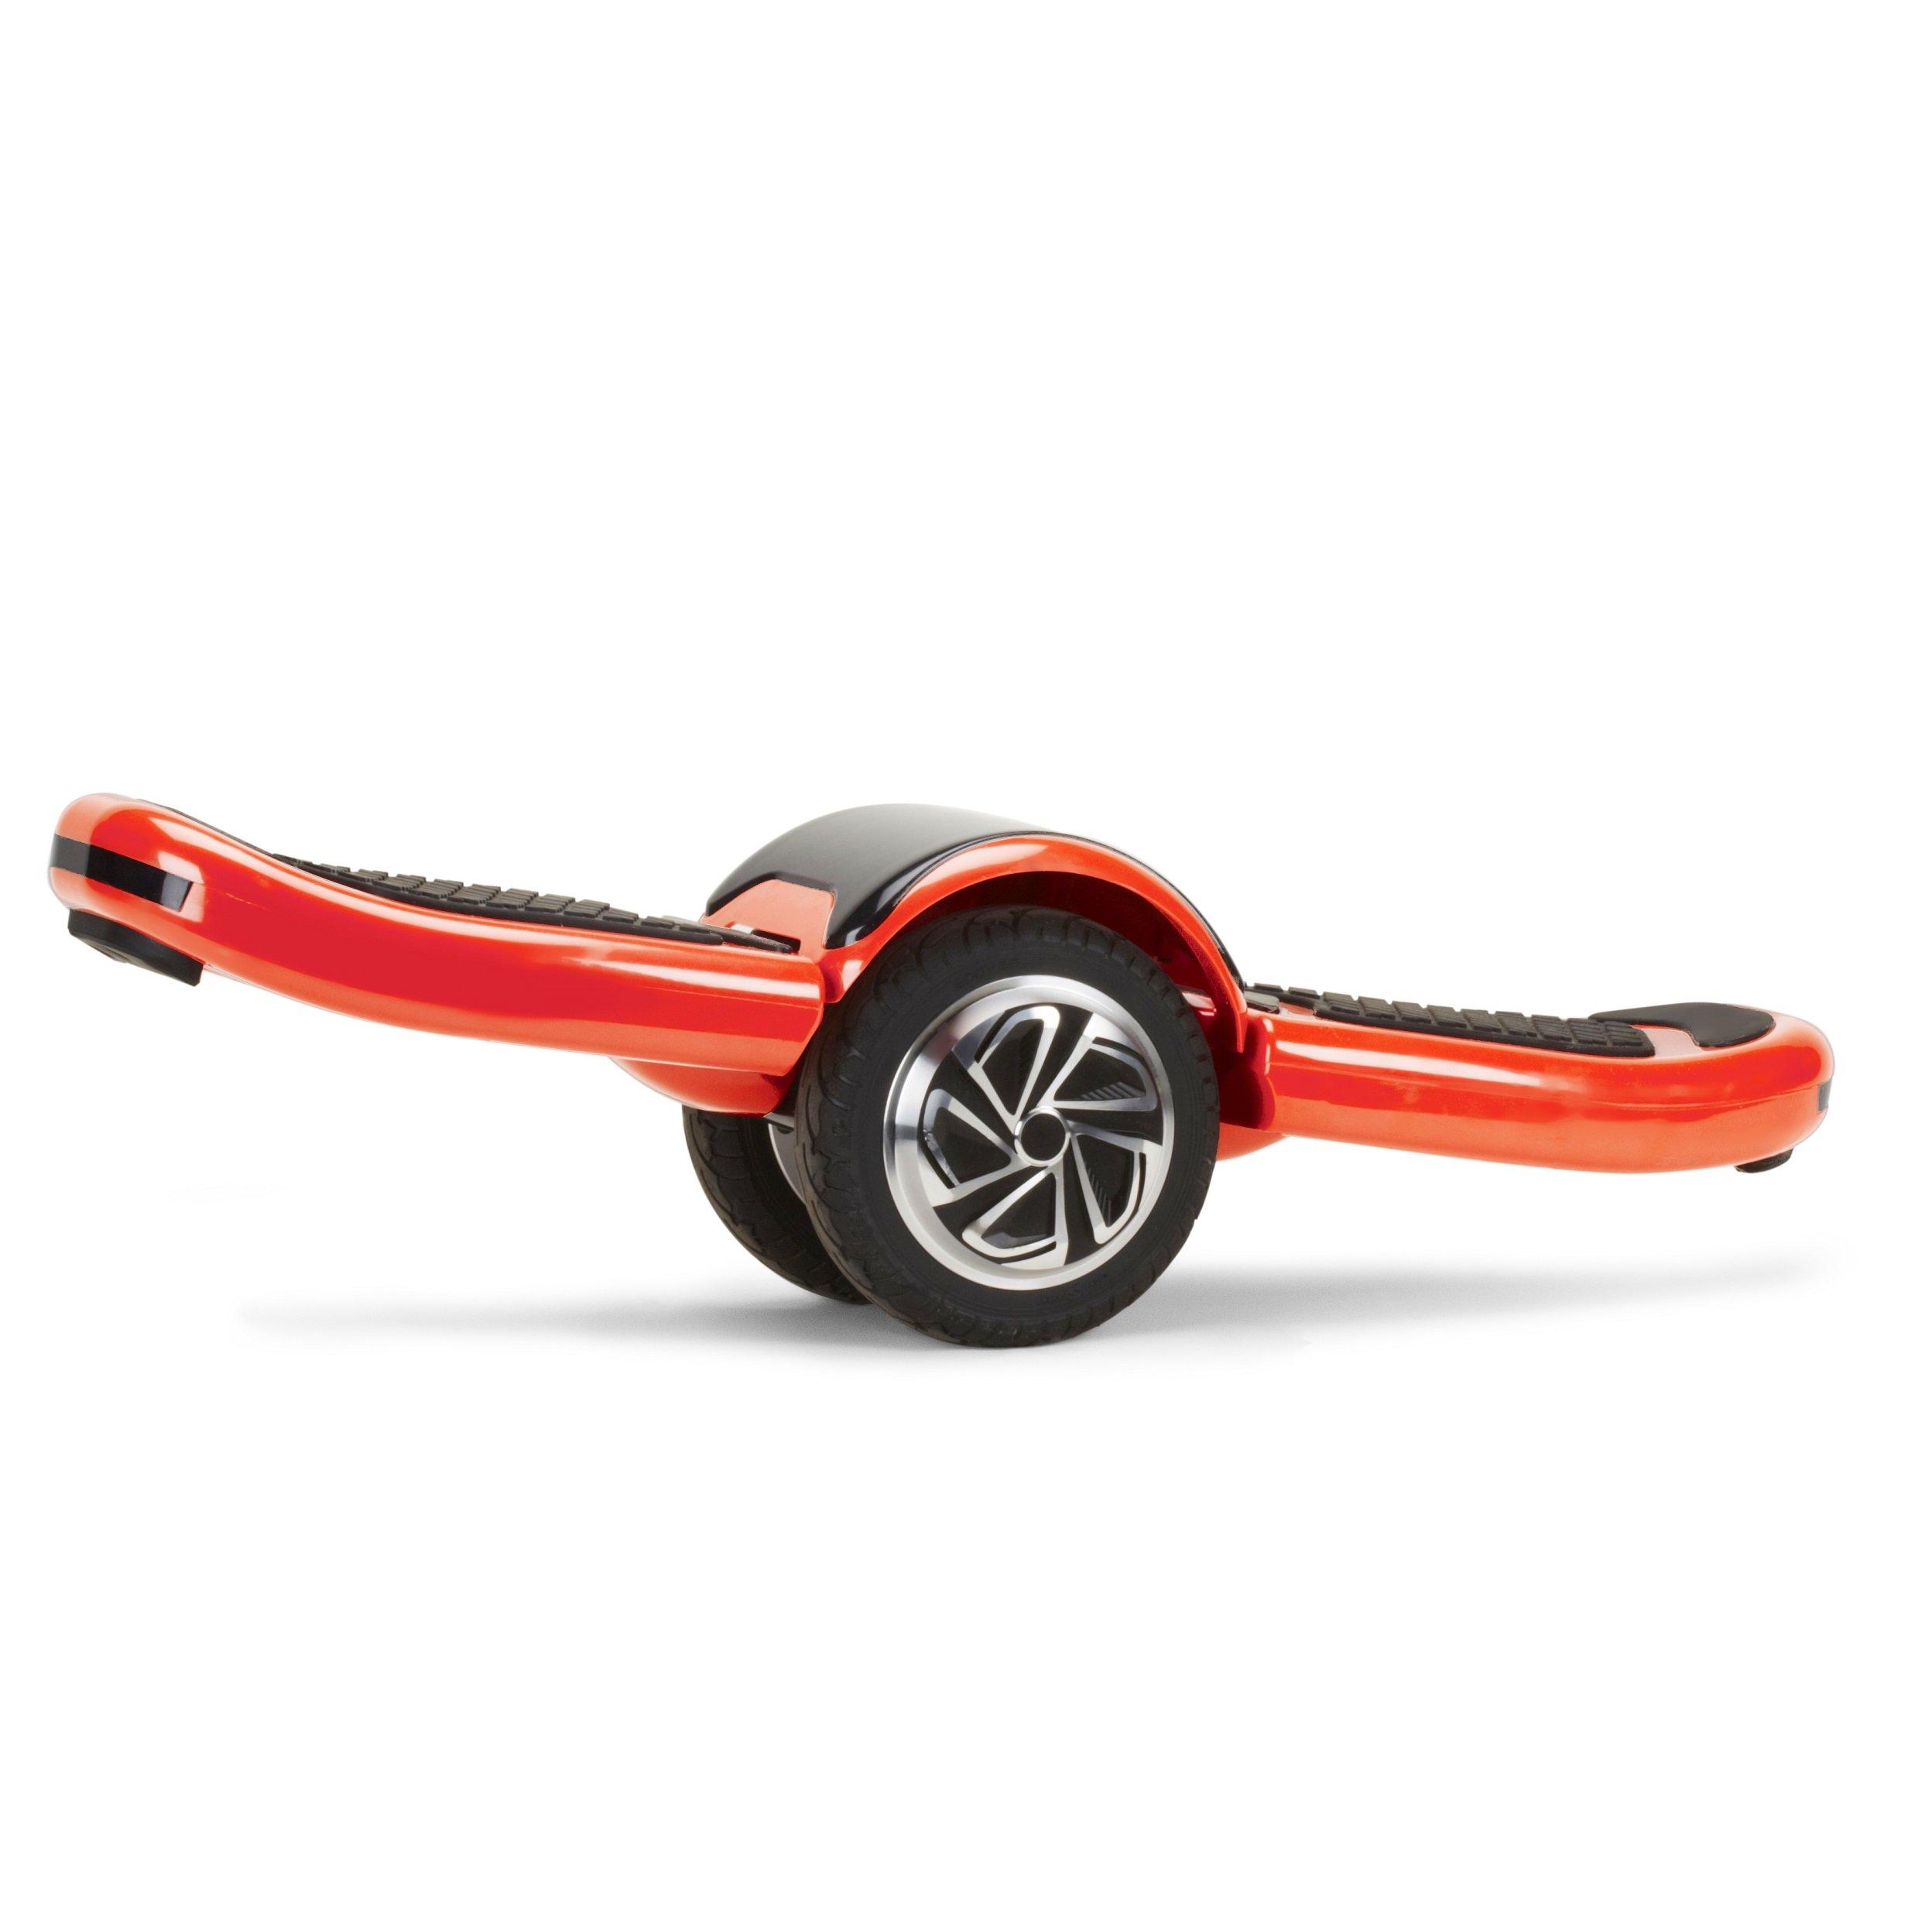 LTXtreme Viro Rides Free-Style Hoverboard Ul 2272 by LTXtreme